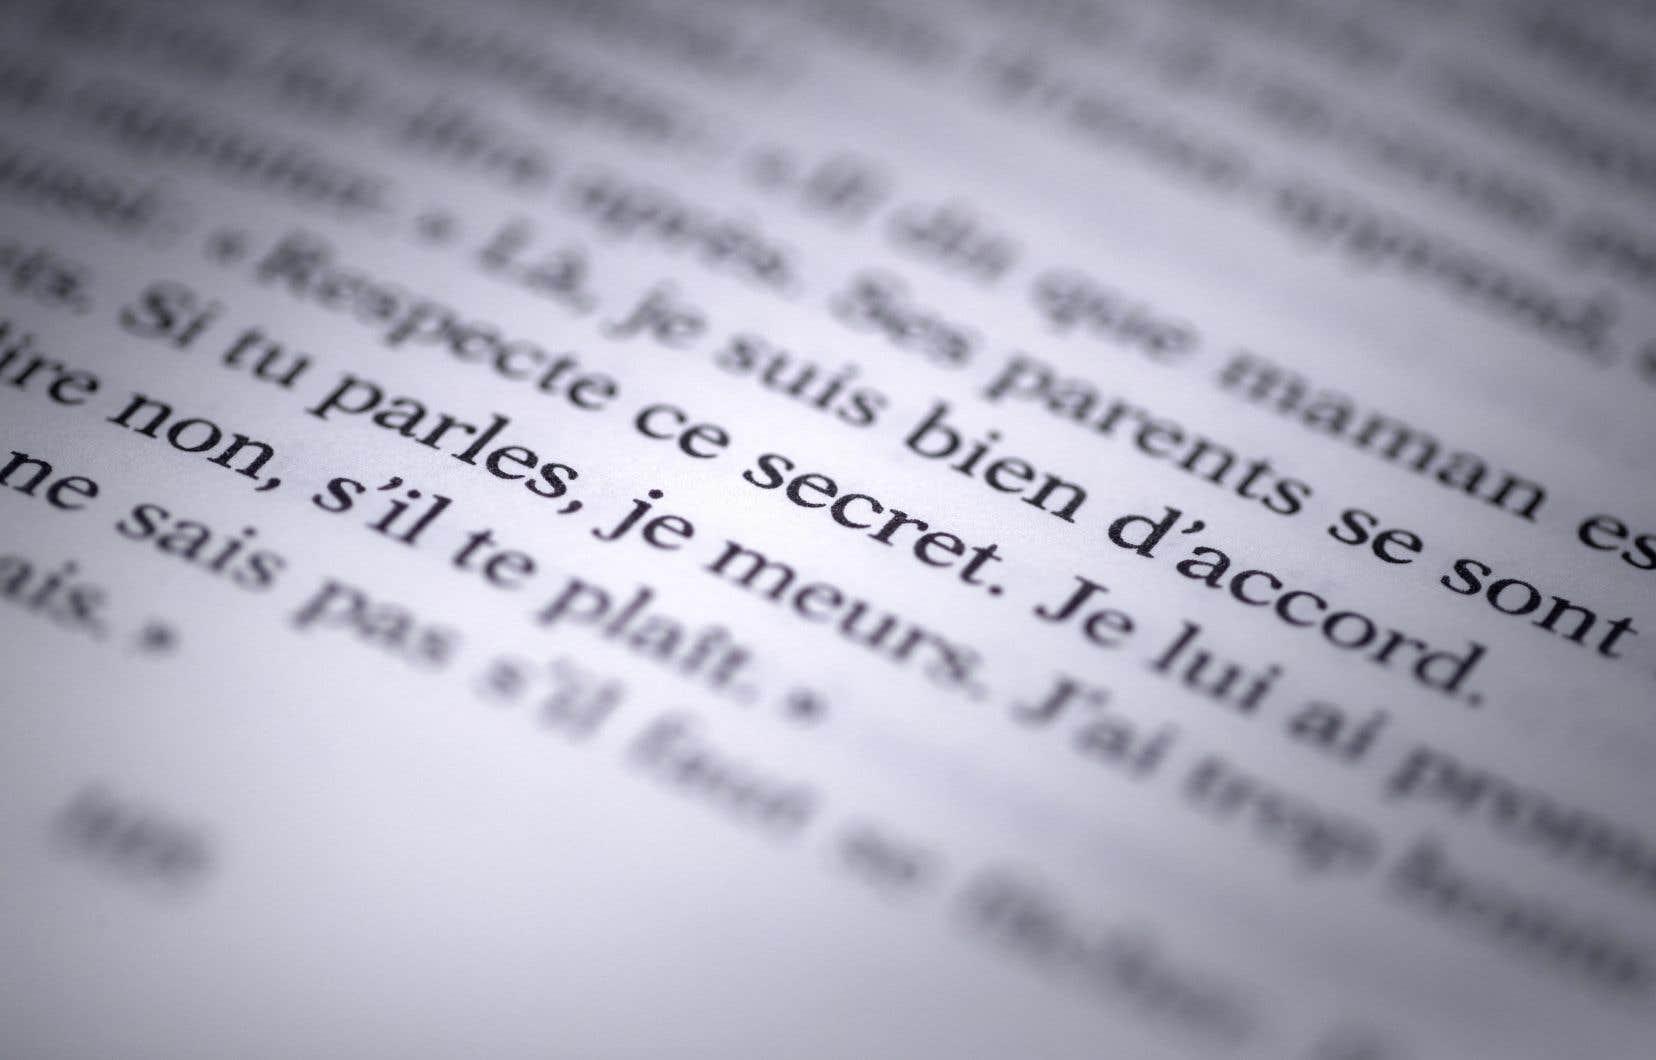 Le livre de Camille Kouchner, «La familia grande», a eu l'effet d'une bombe dans la société française, entraînant une nouvelle vague de dénonciations, sous le mot-clic #MeTooInceste, qui a fait tomber d'autres personnalités publiques.